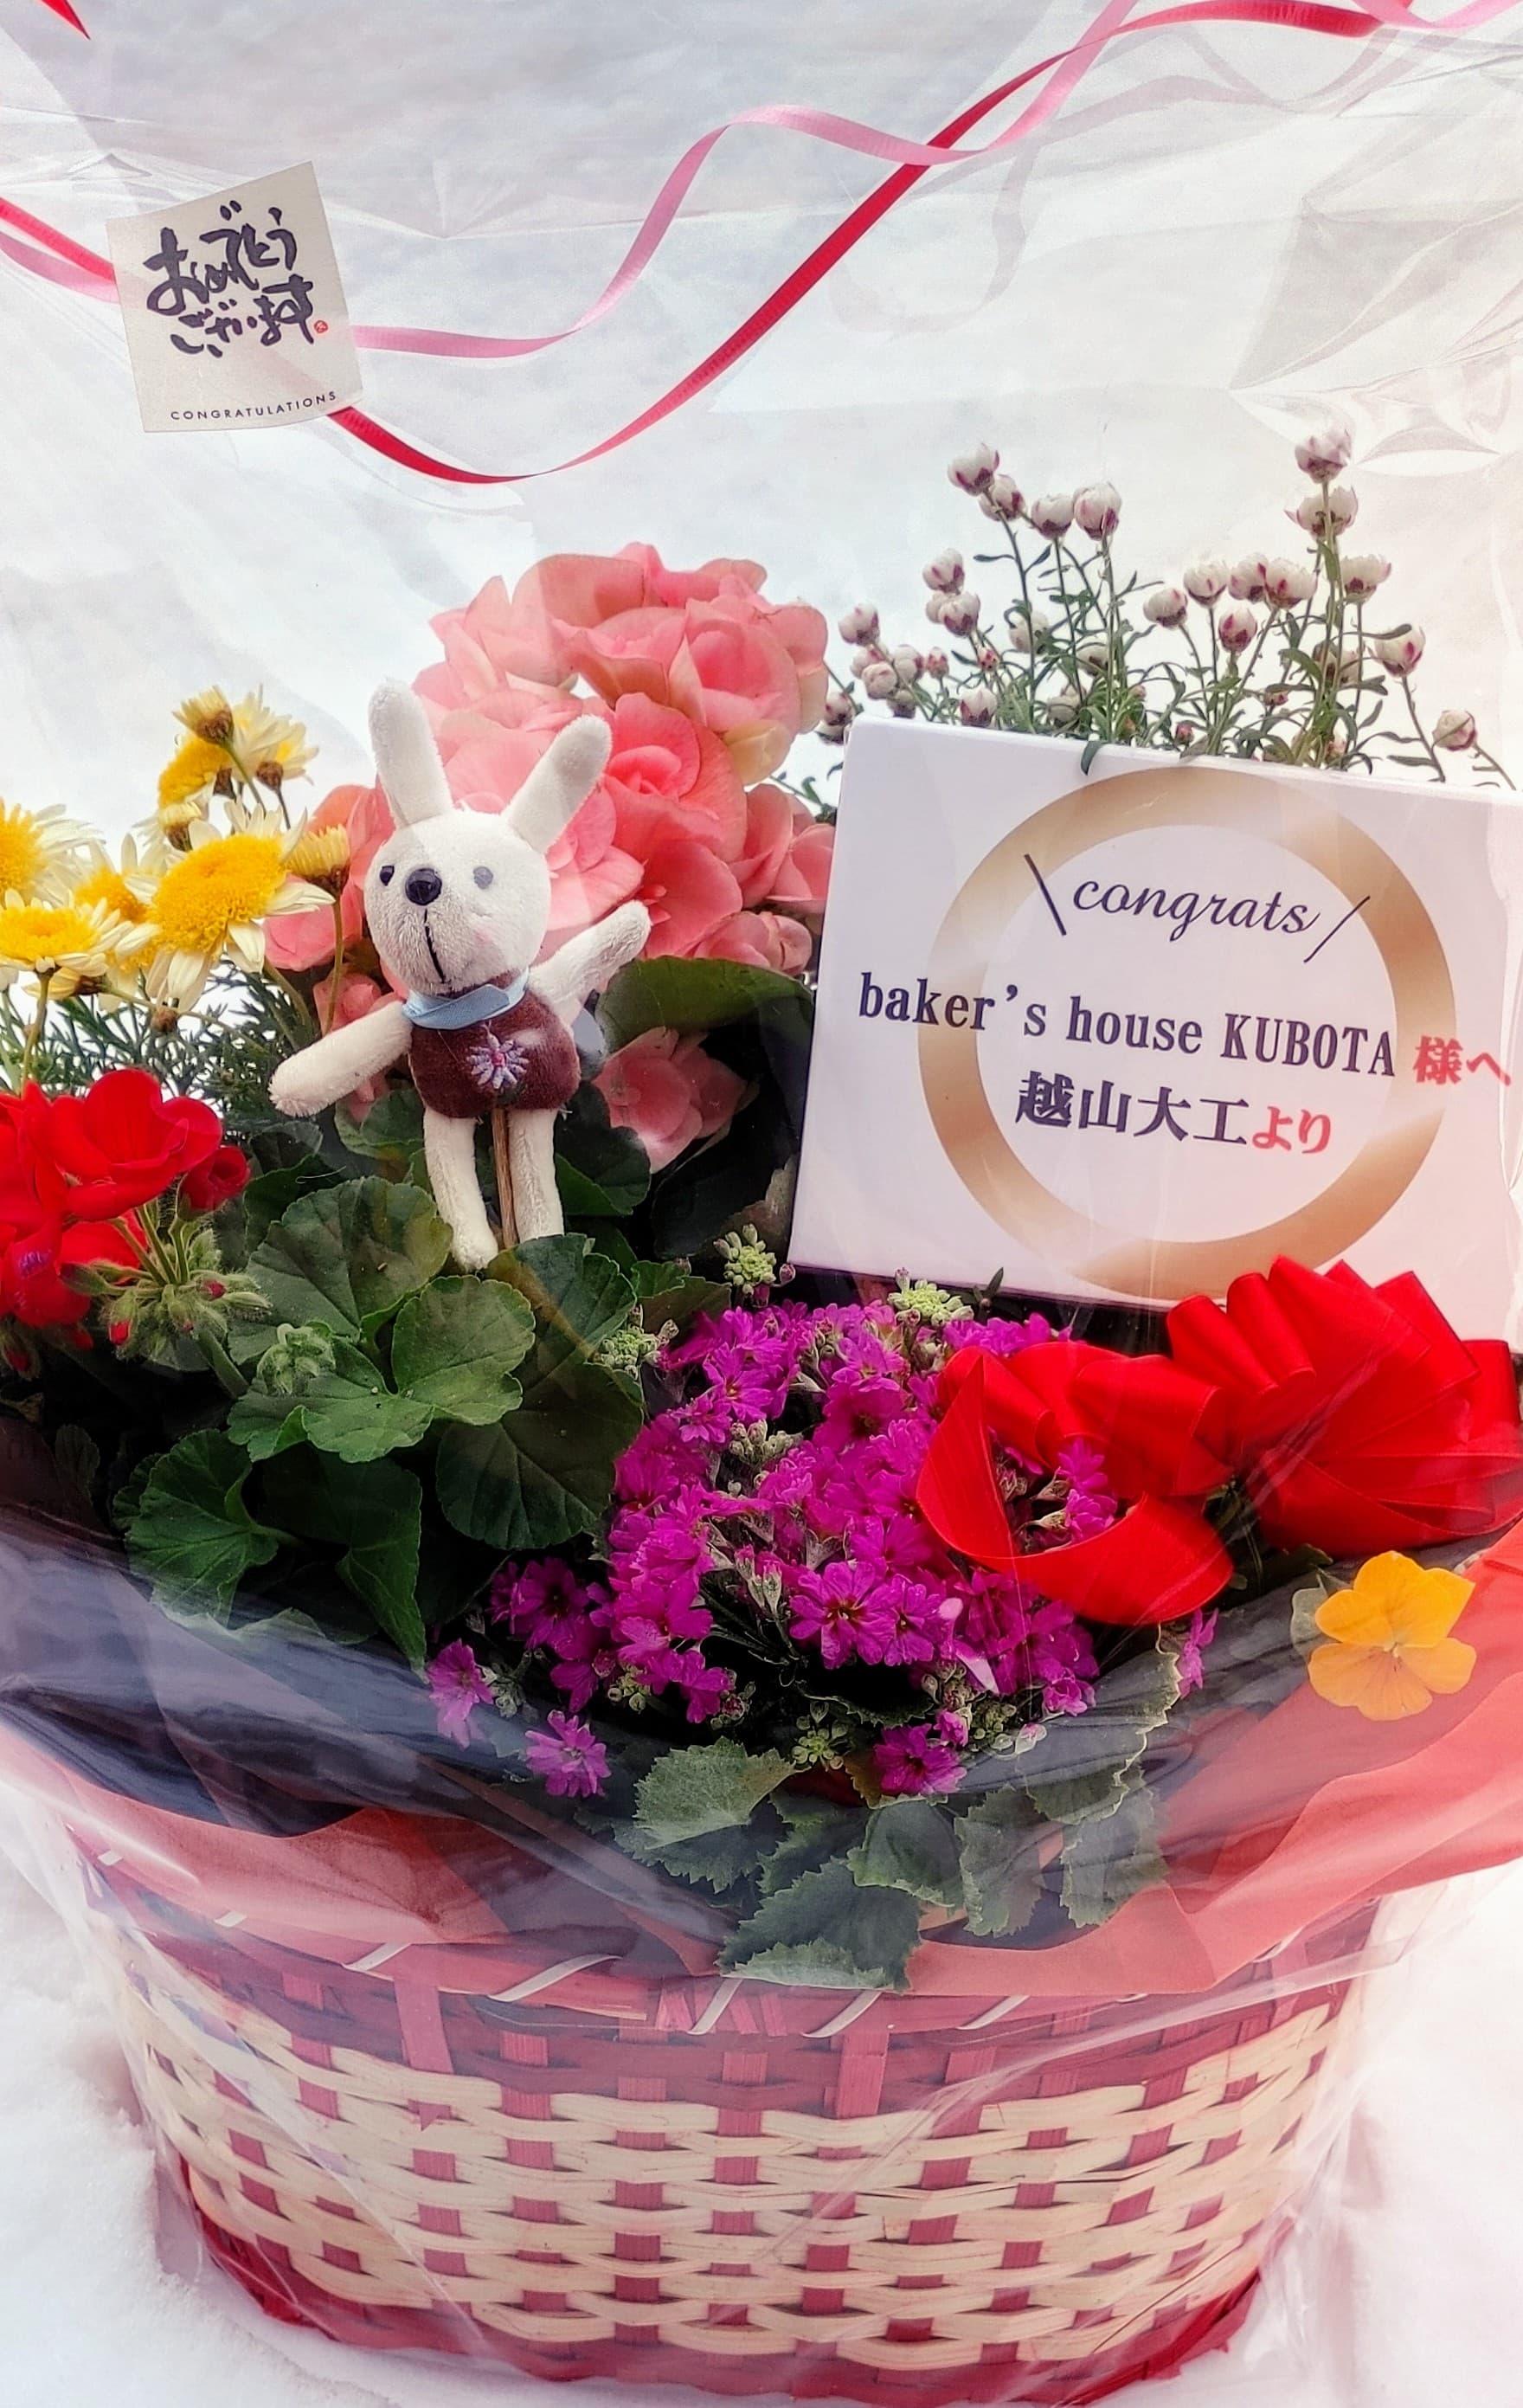 お祝いのお花のお届け🌸